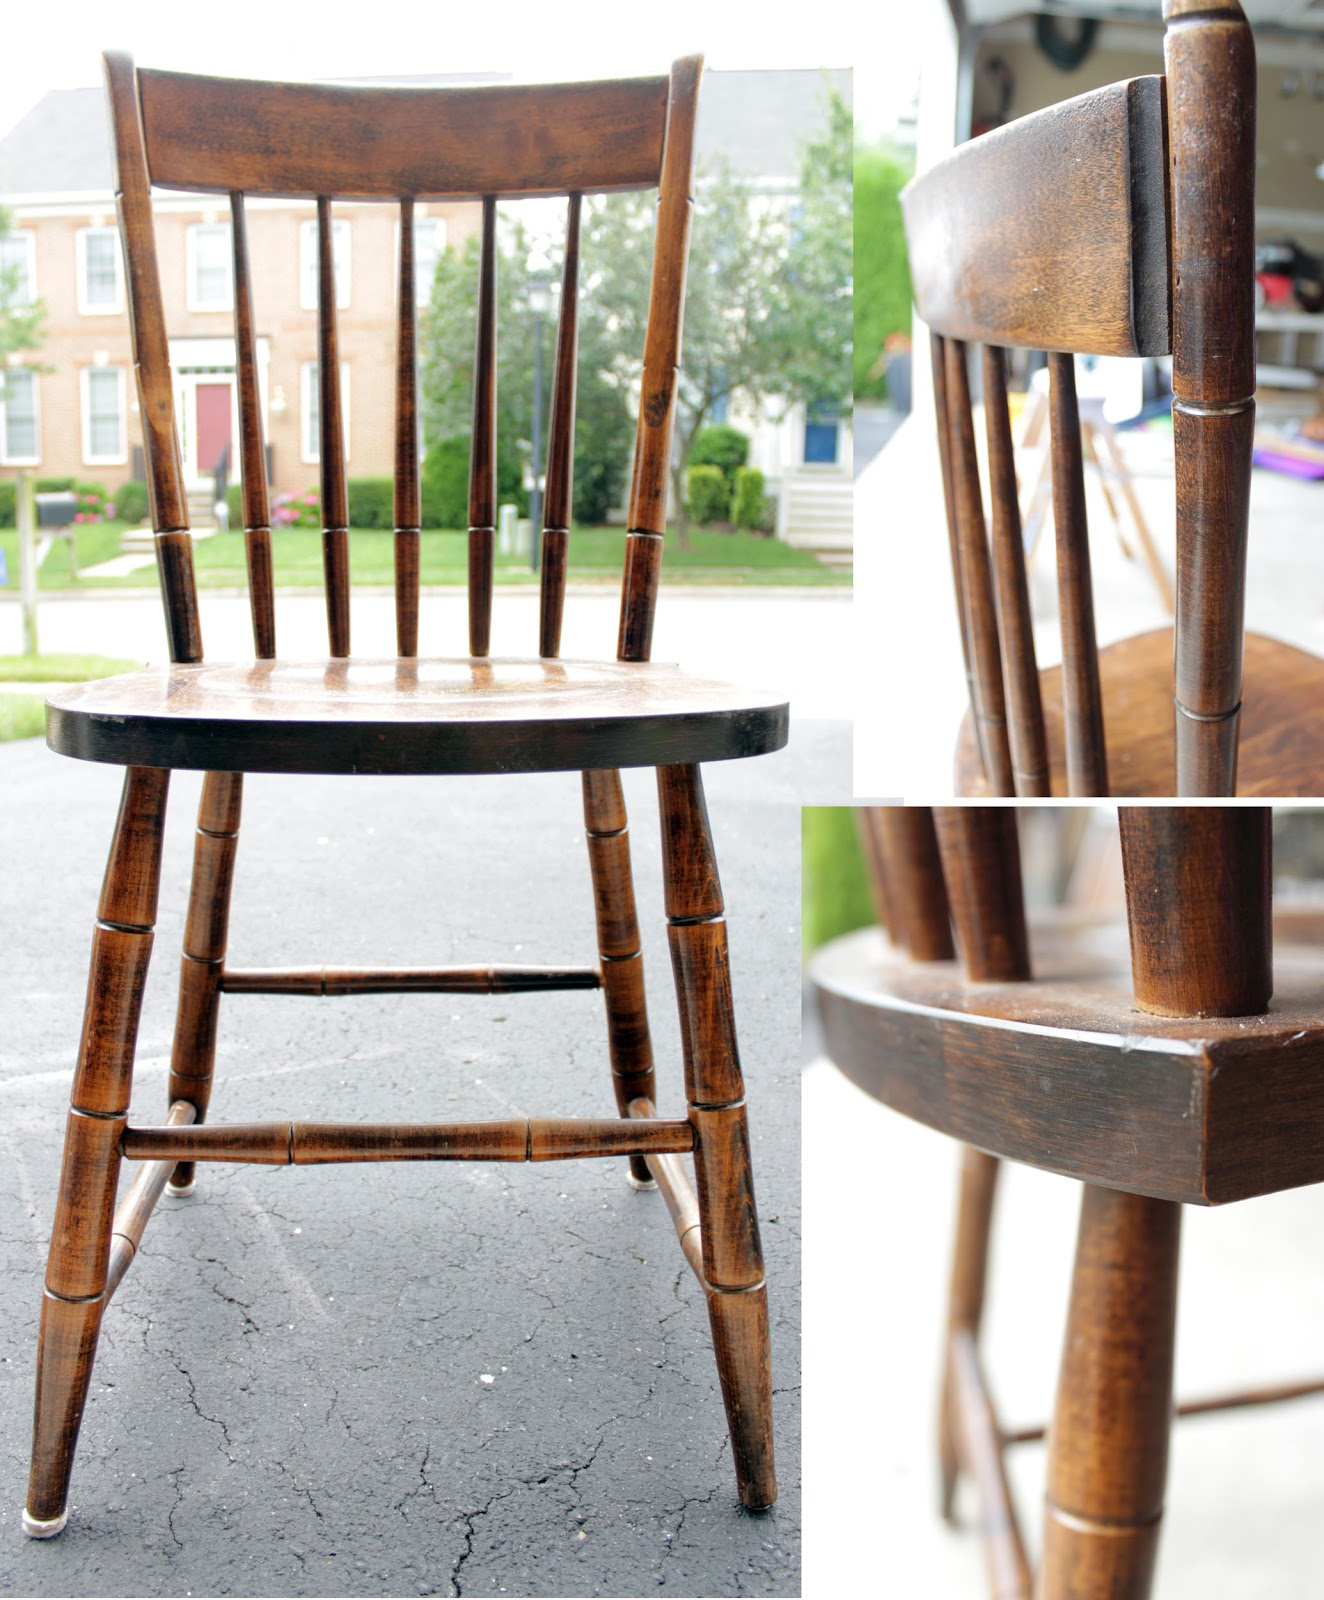 Spray Painted Chairs - Remodelando la Casa